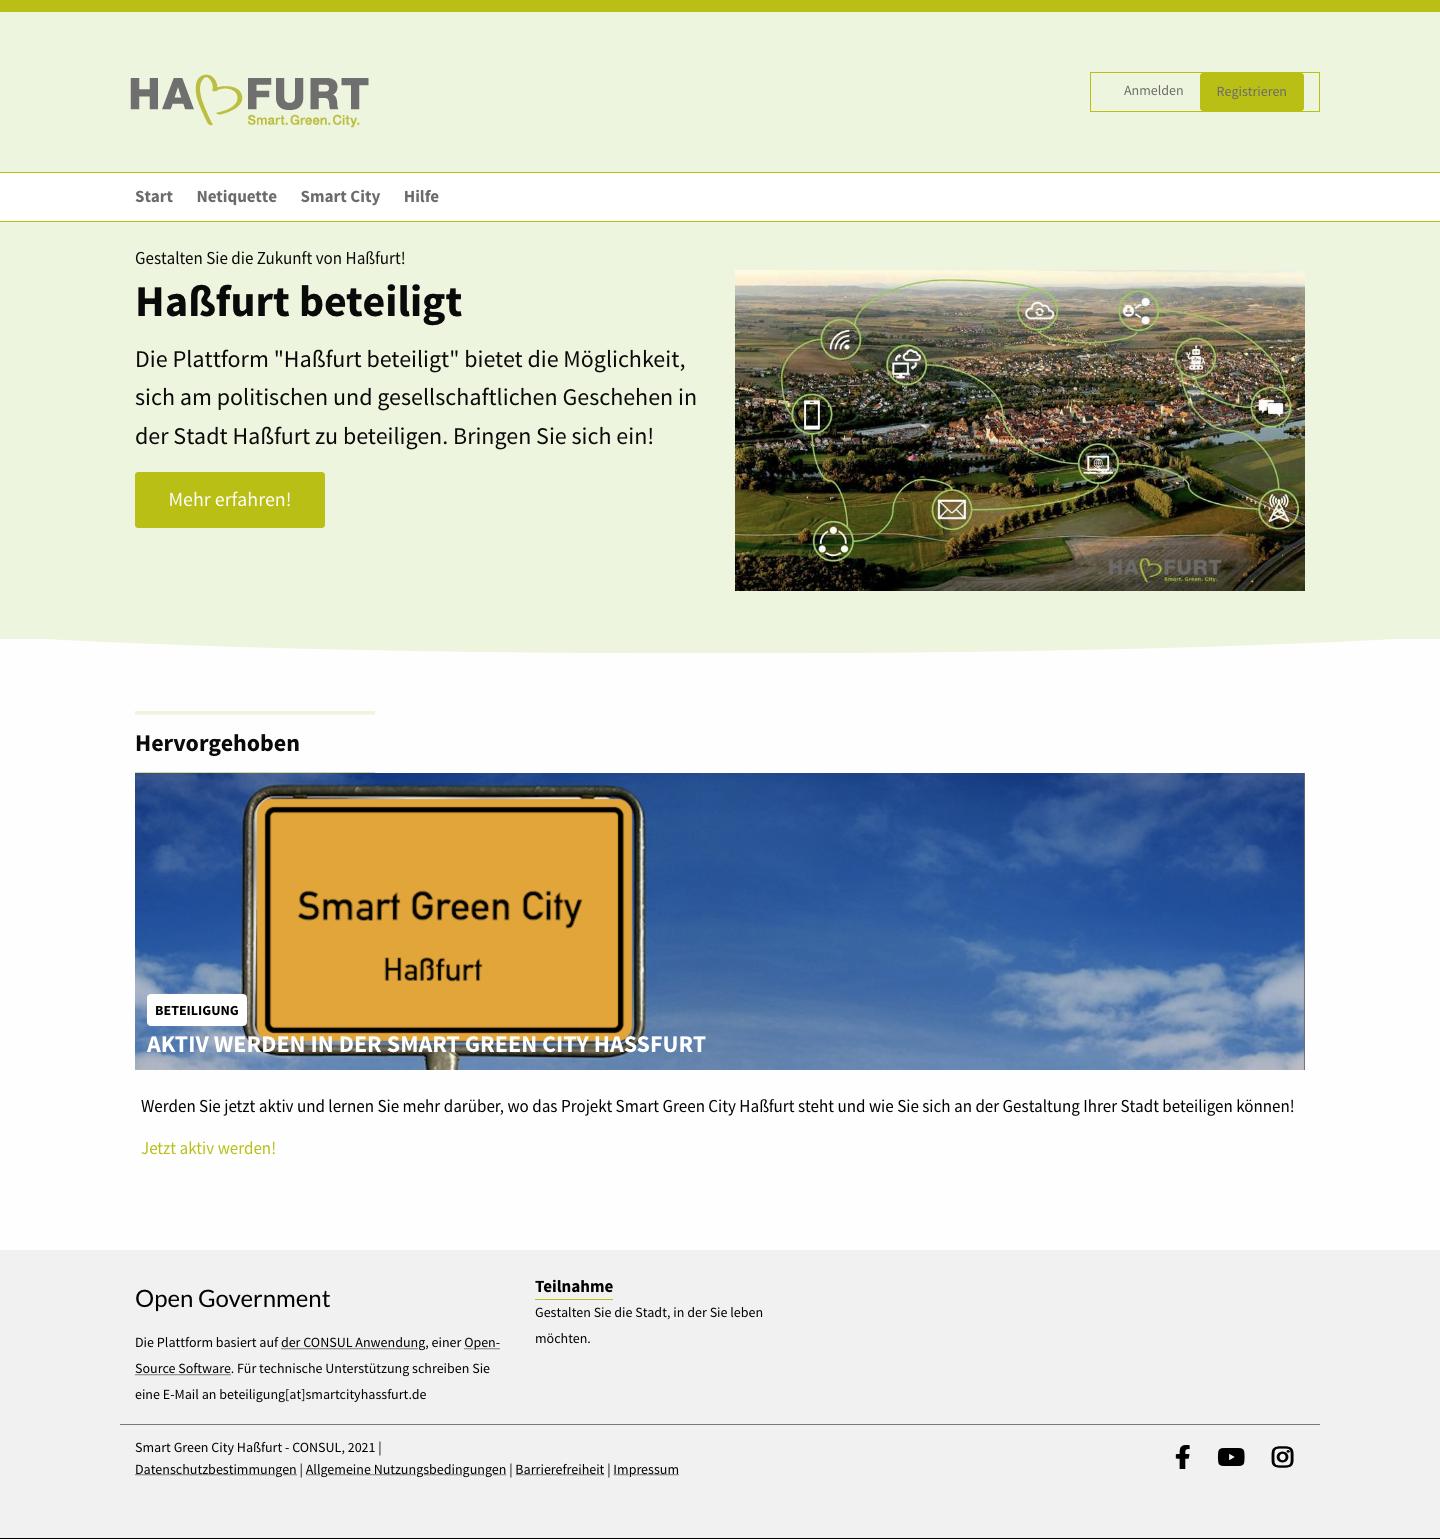 Bildschirmfoto der Hassfurt-beteiligt.de website